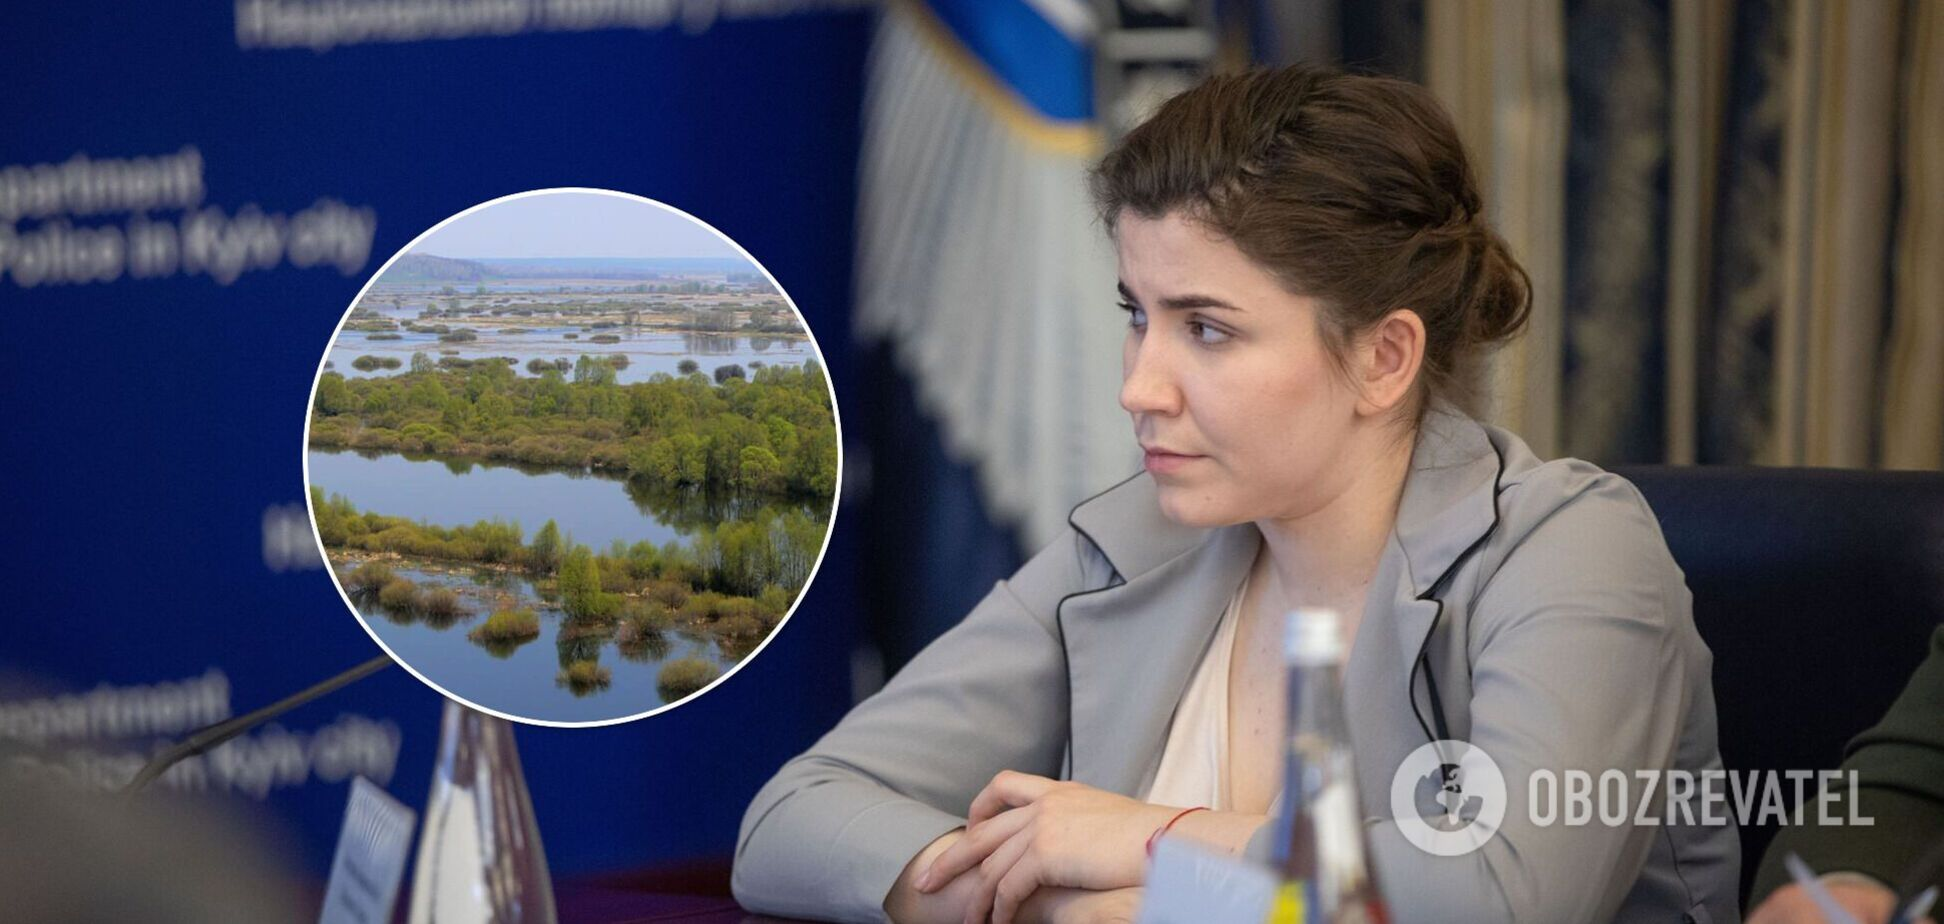 Глава Черниговщины пригласила туристов на разлив Десны-2021